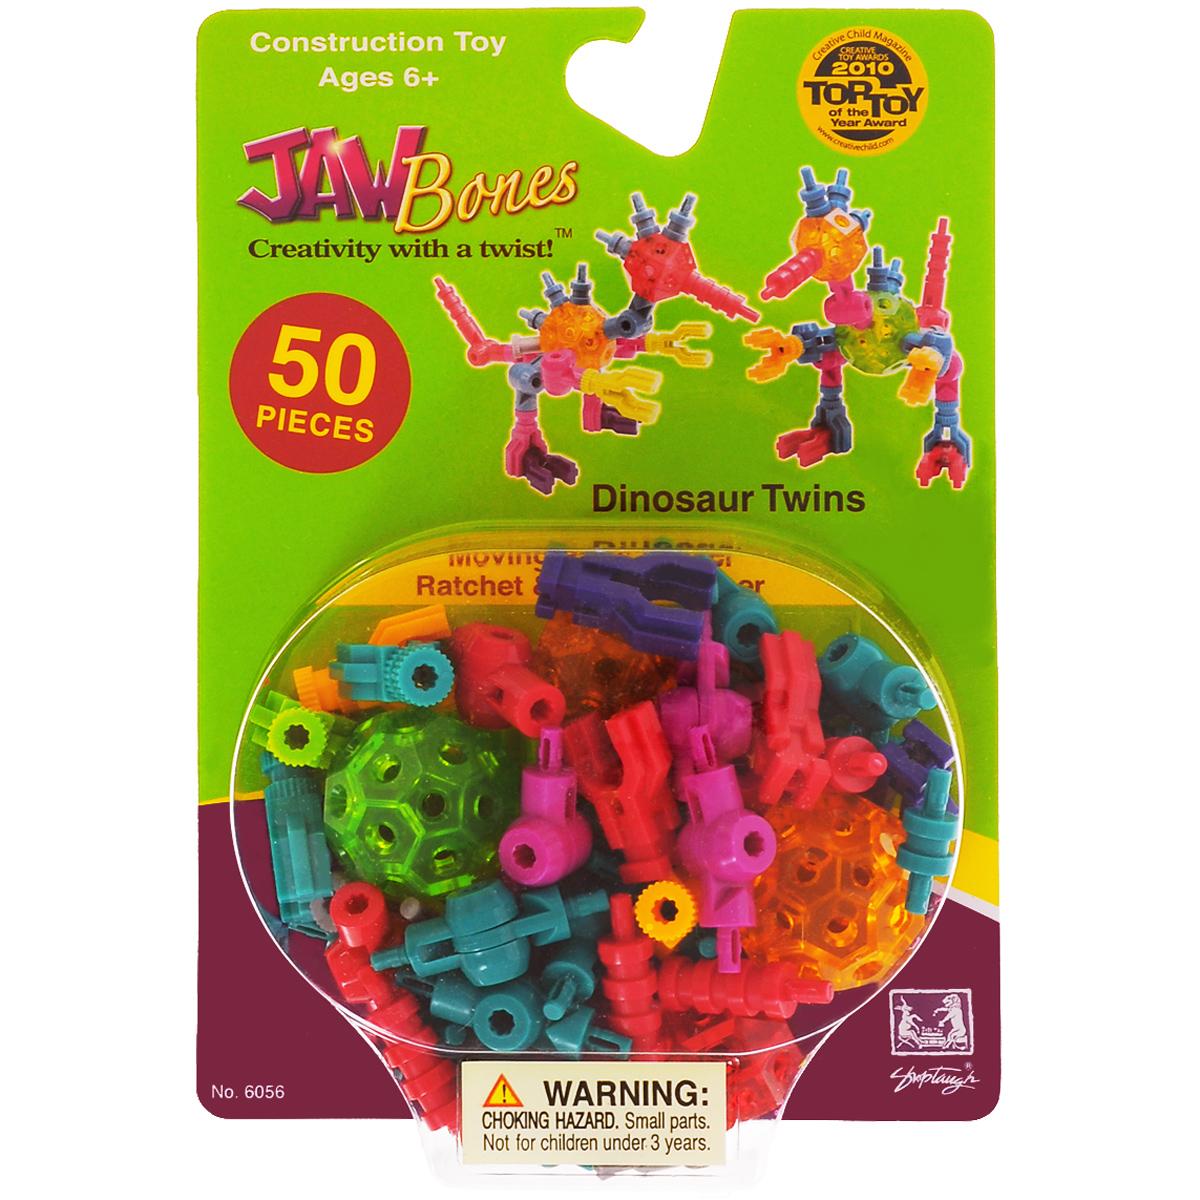 Jawbones Конструктор Динозавры Близнецы6056Новый развивающий конструктор Jawbones непременно понравится вашему ребенку! При помощи красочных деталей, с уникальным креплением, можно собрать динозавров в оригинальном и неповторимом стиле. Конструктор состоит из 50 элементов разного размера, цвета и назначения. Ваш ребенок с удовольствием будет играть с конструктором, придумывая различные истории.